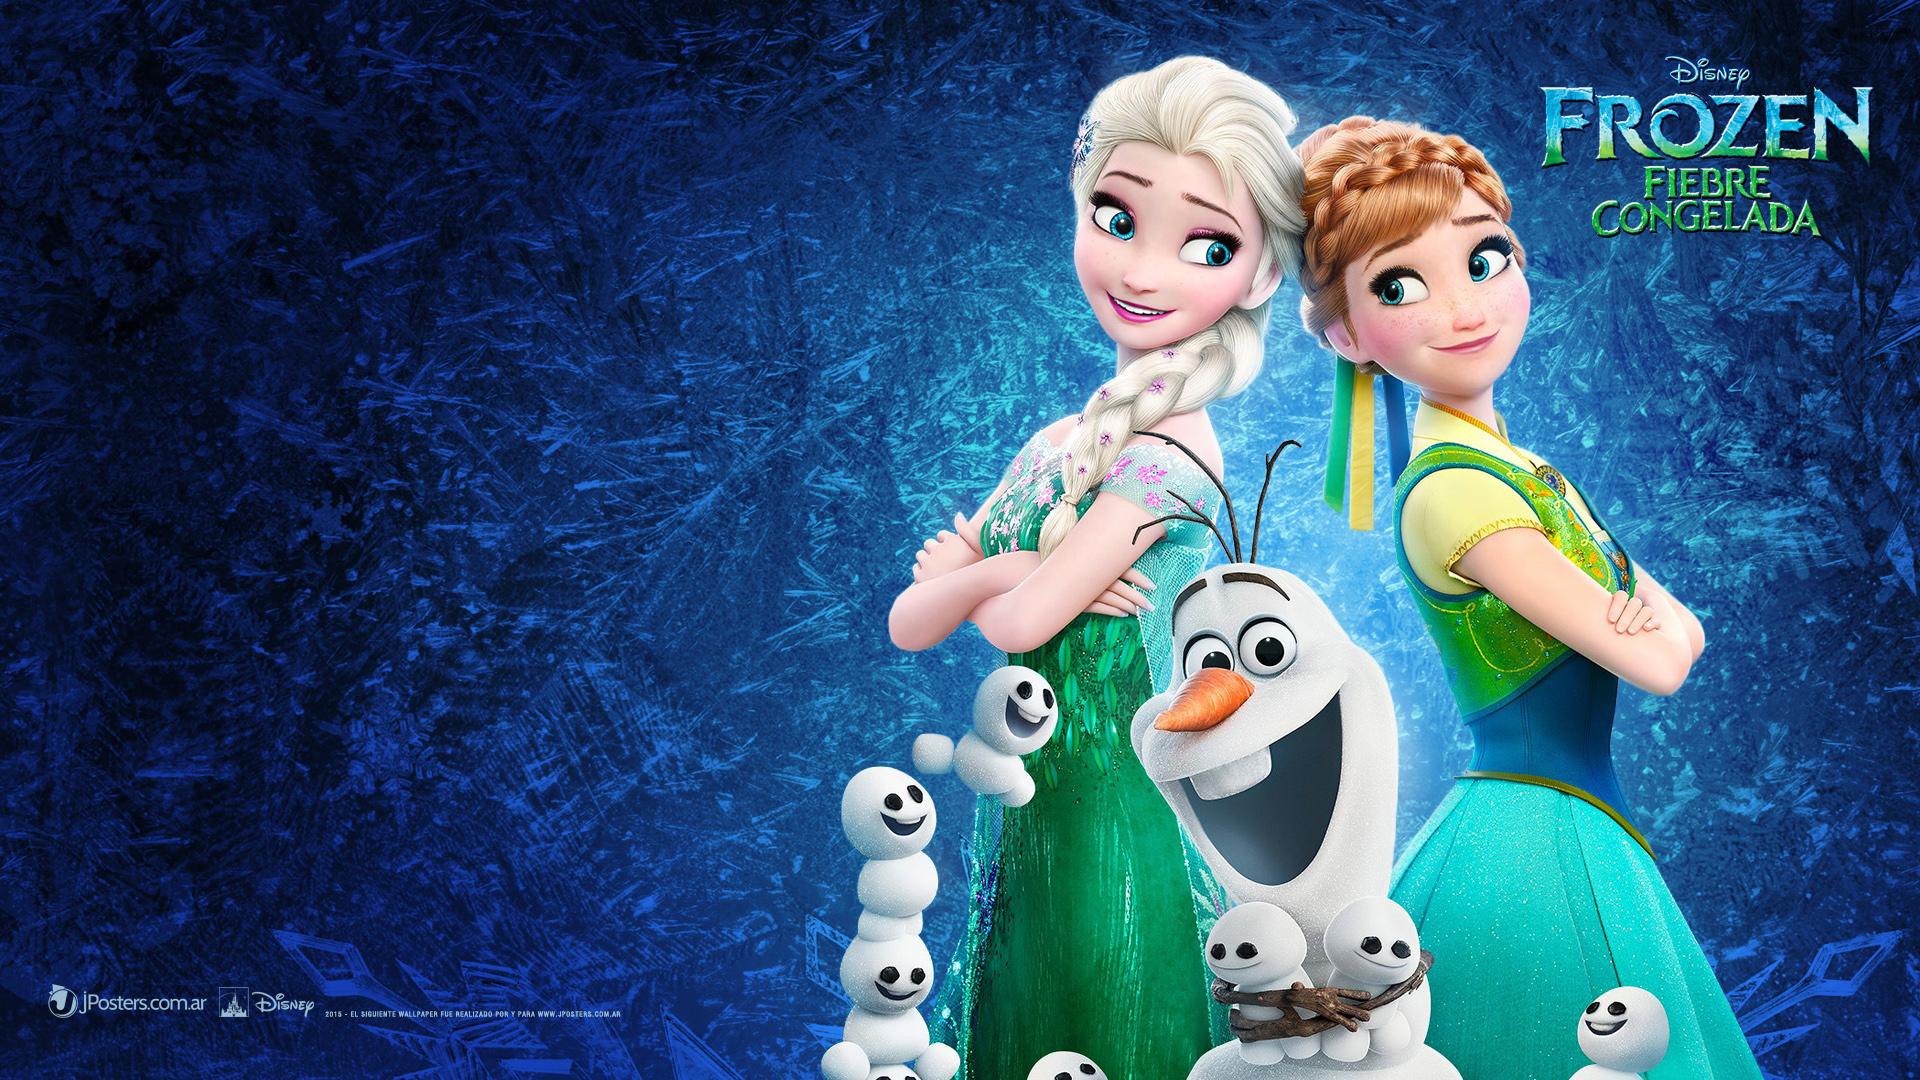 Frozen Fever Wallpaper  Elsa and Anna Wallpaper 38273104